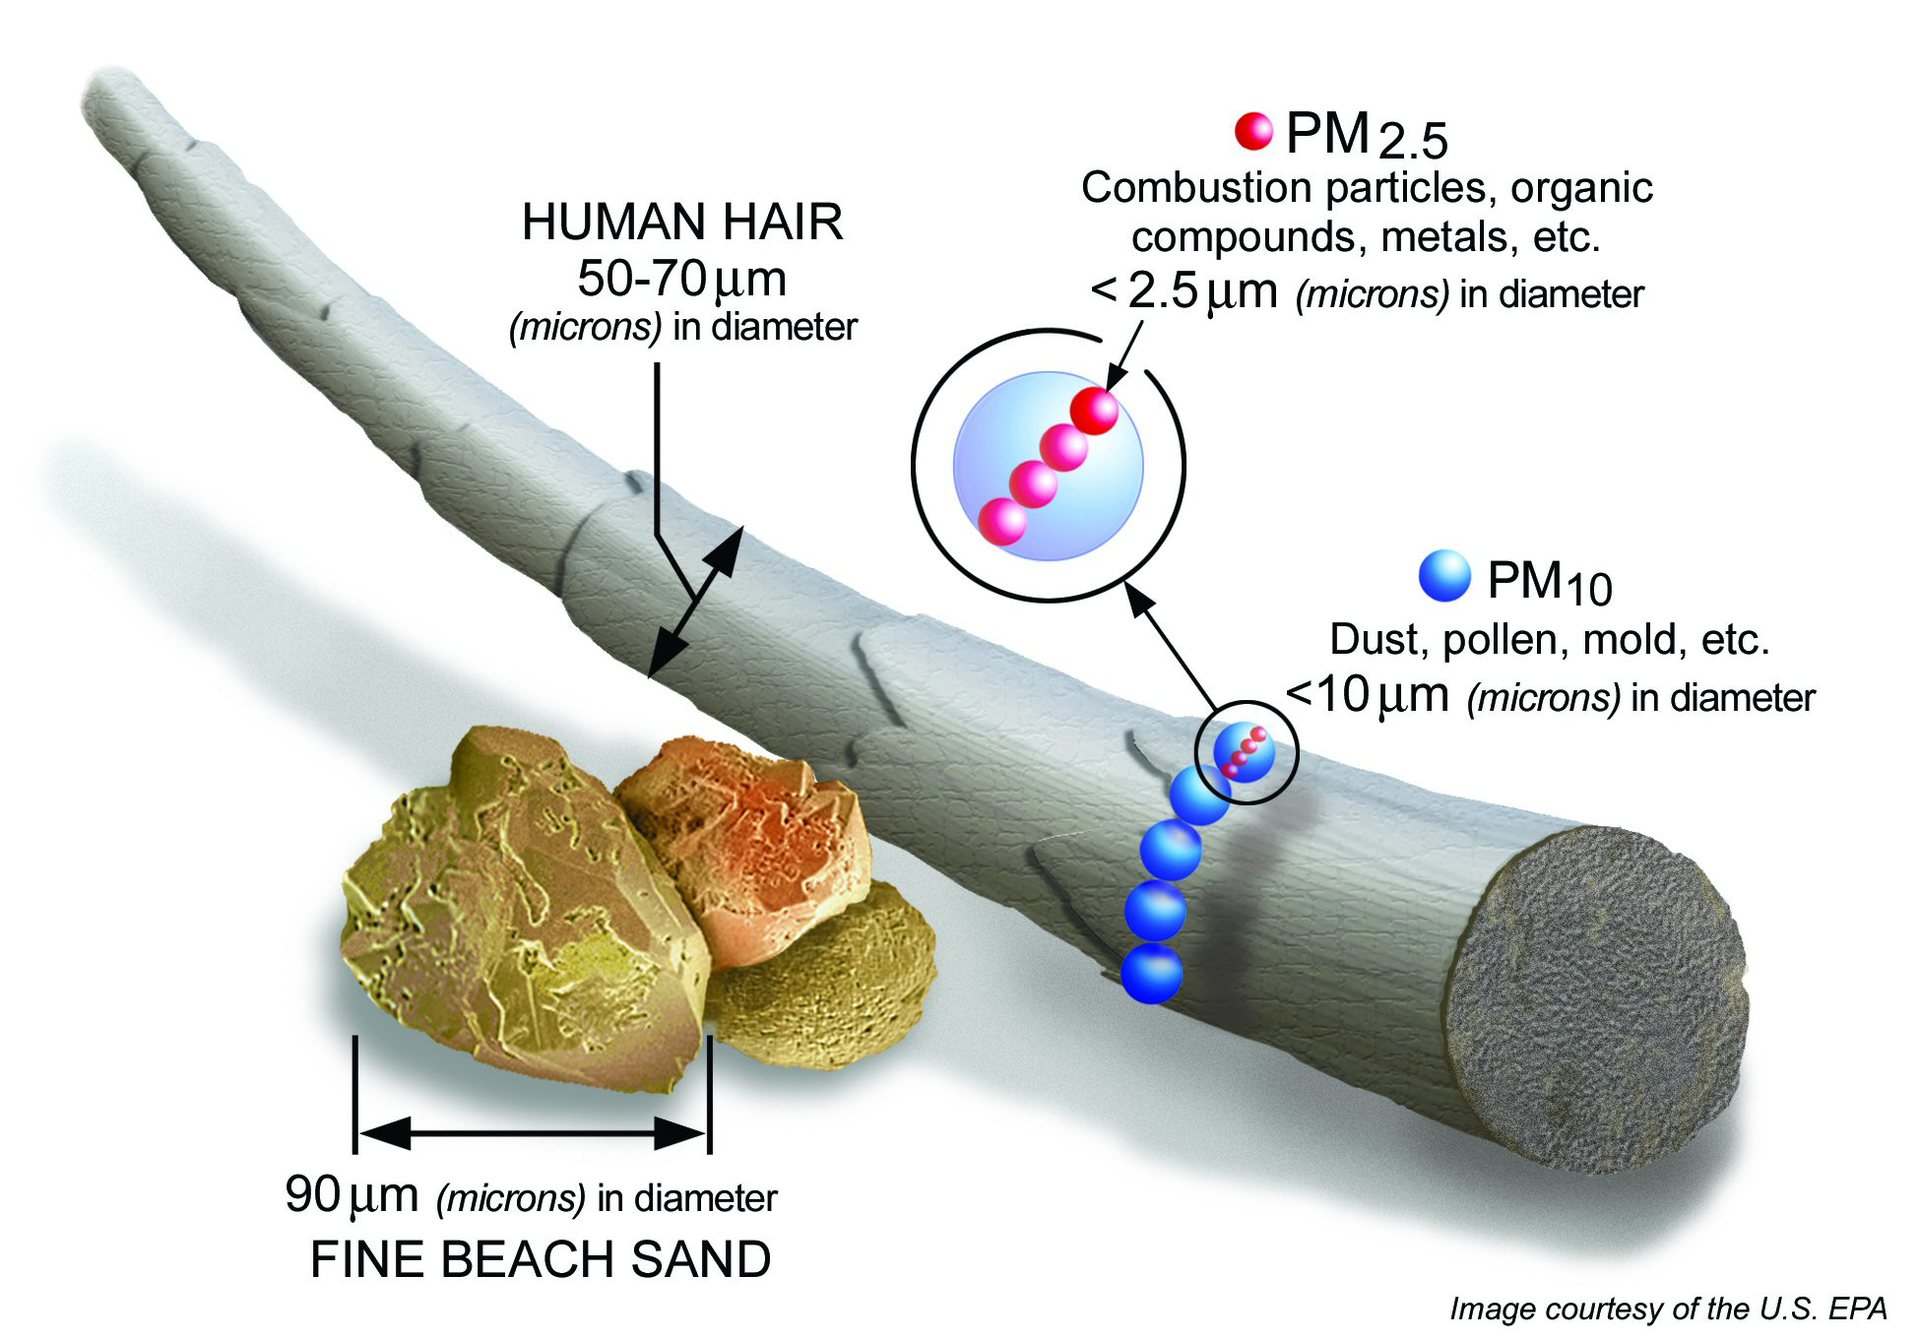 Нановредители: чем опасны ультрадисперсные частицы - 2